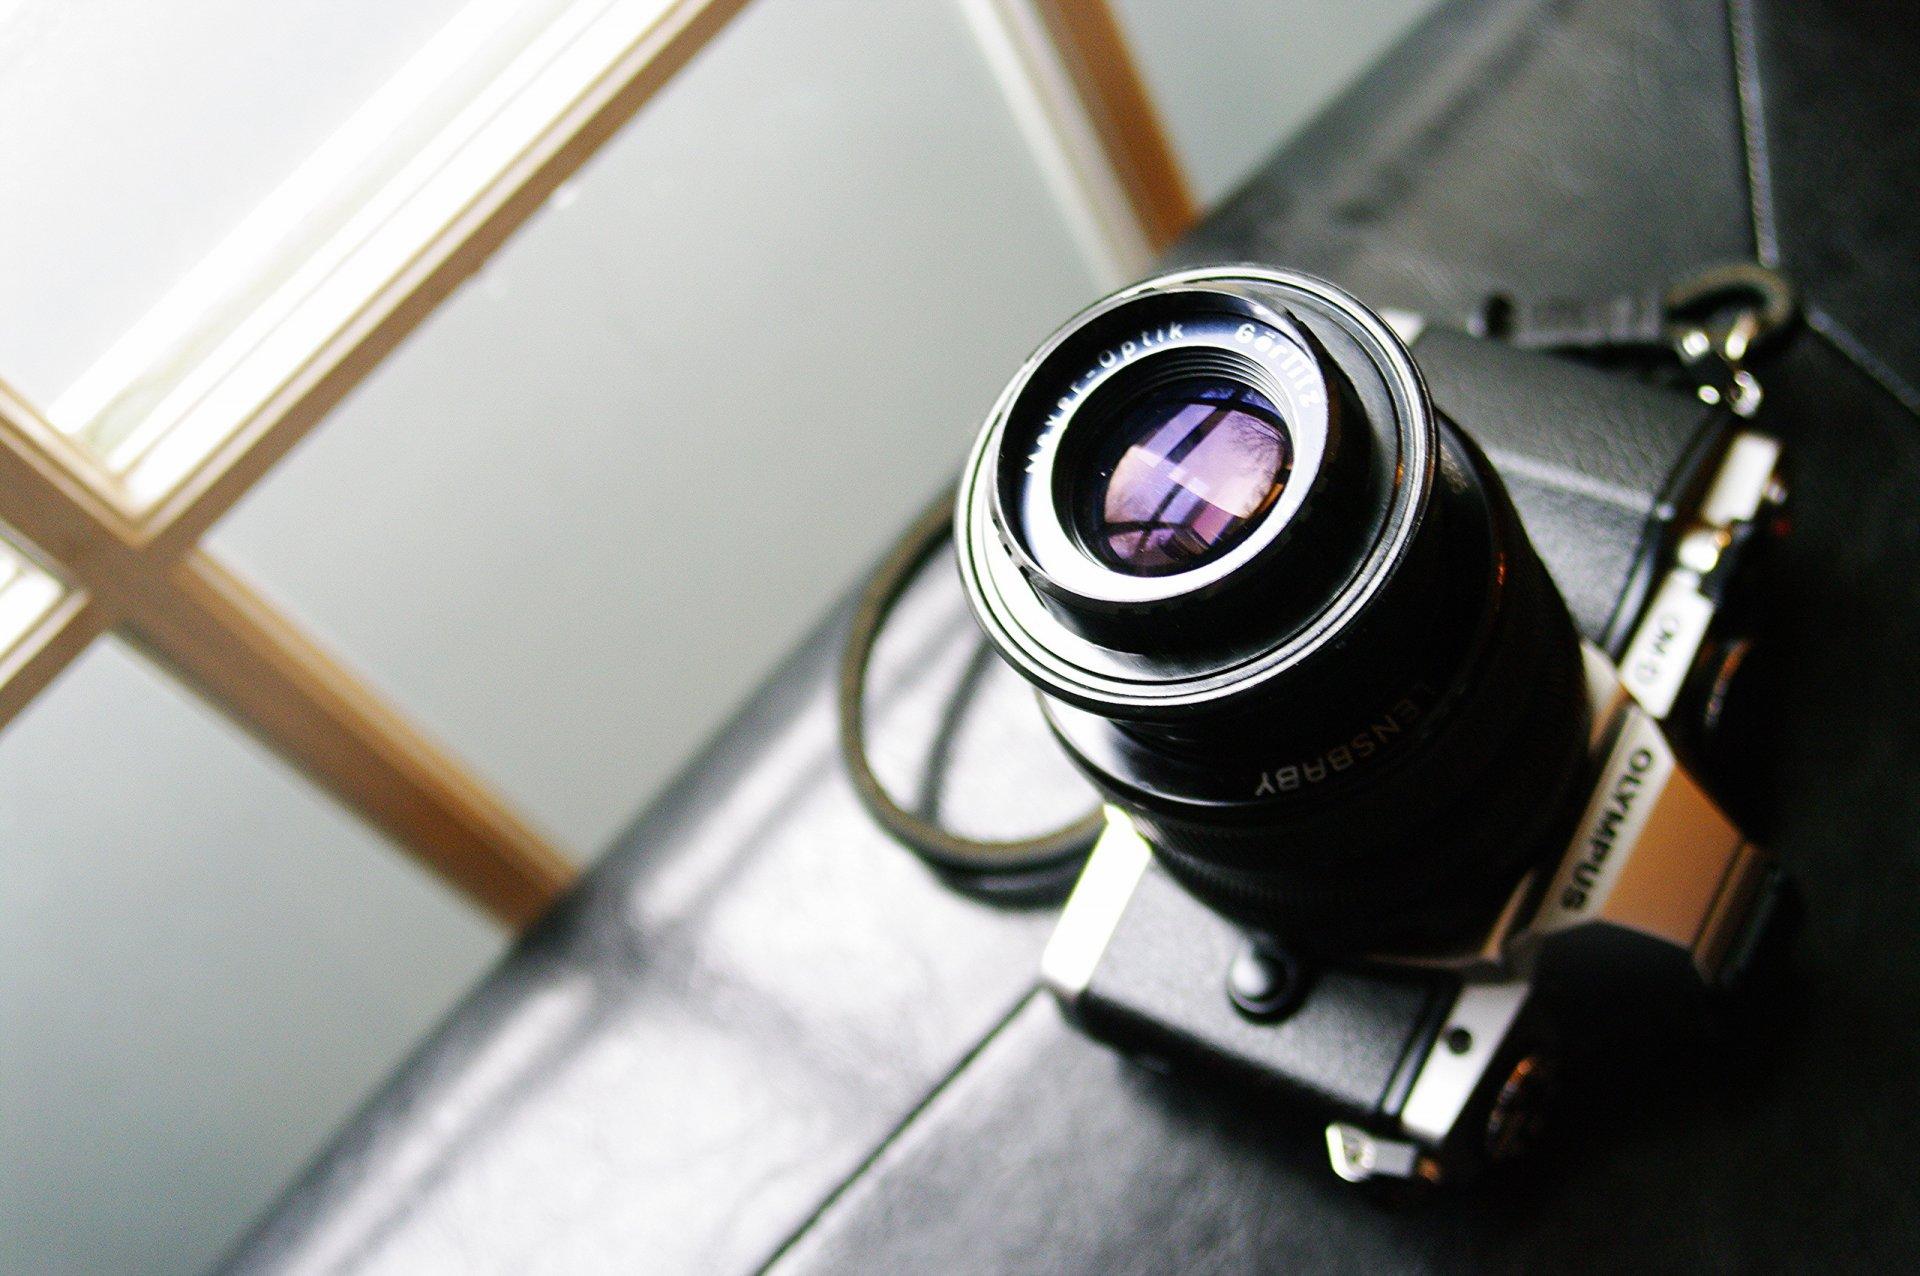 лучший цифровой фотоаппарат для макросъемки фото холсте, так